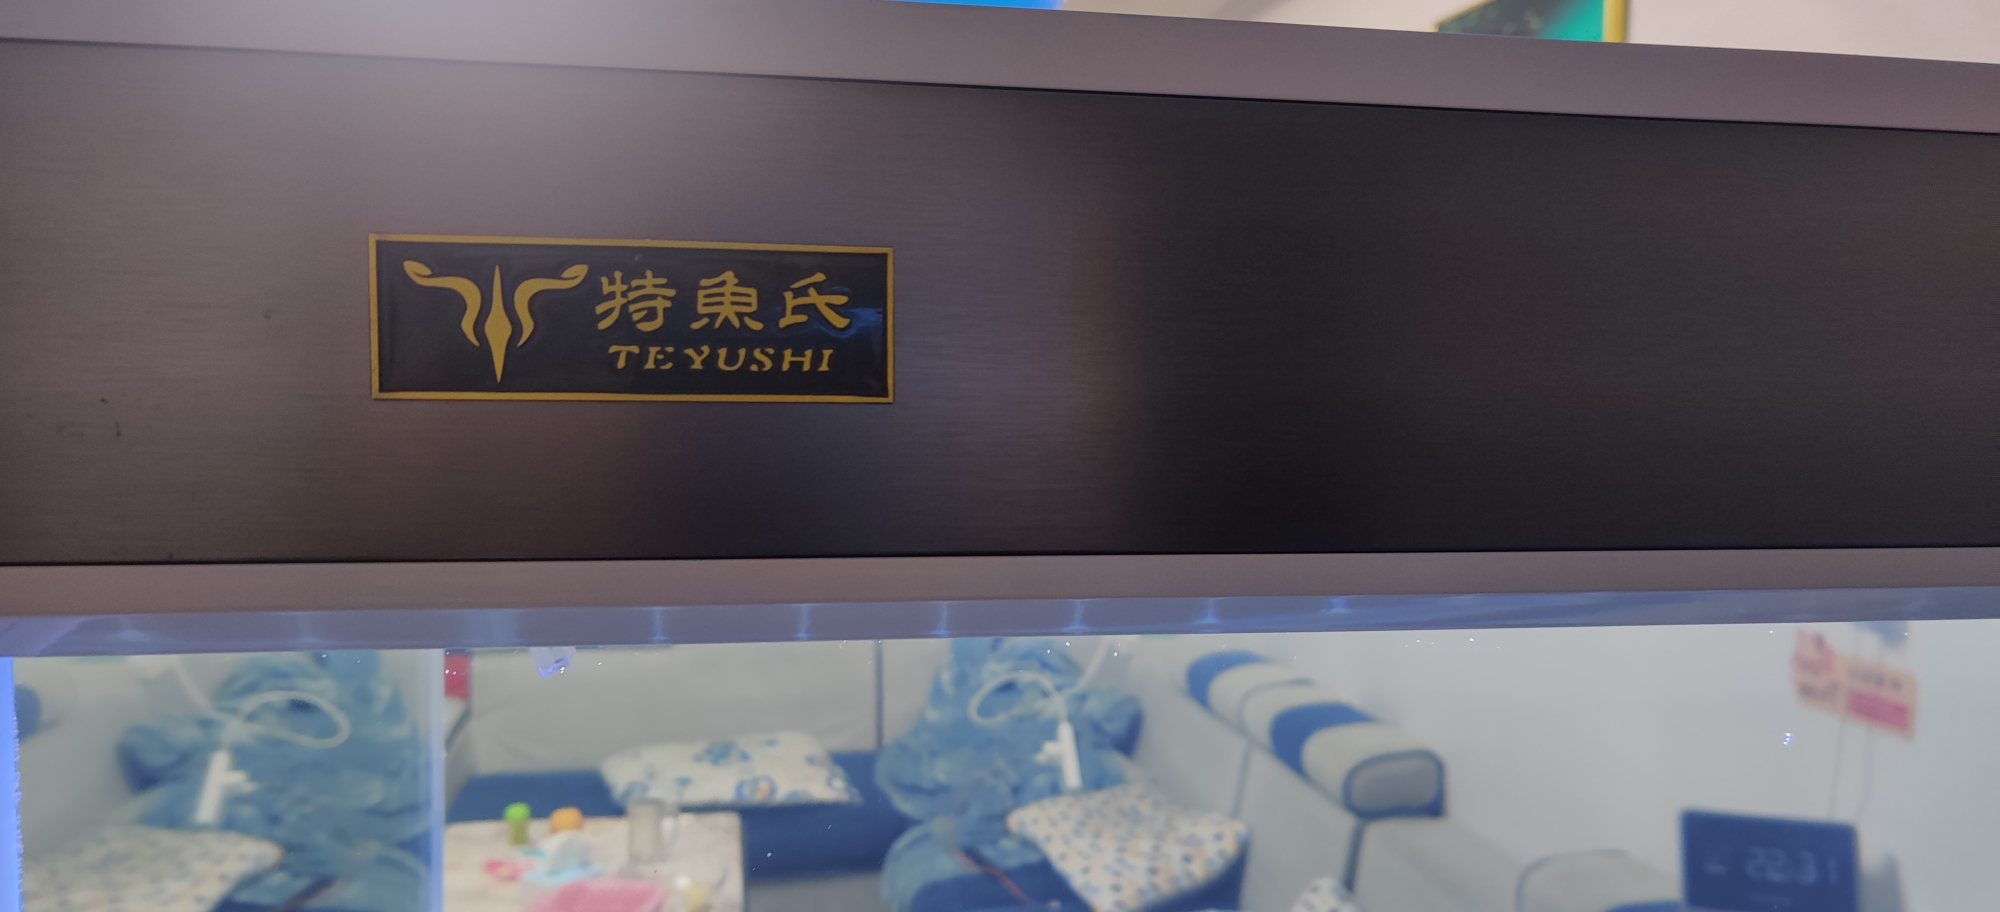 新入特鱼氏鱼缸开缸大吉 北京观赏鱼 北京龙鱼第2张